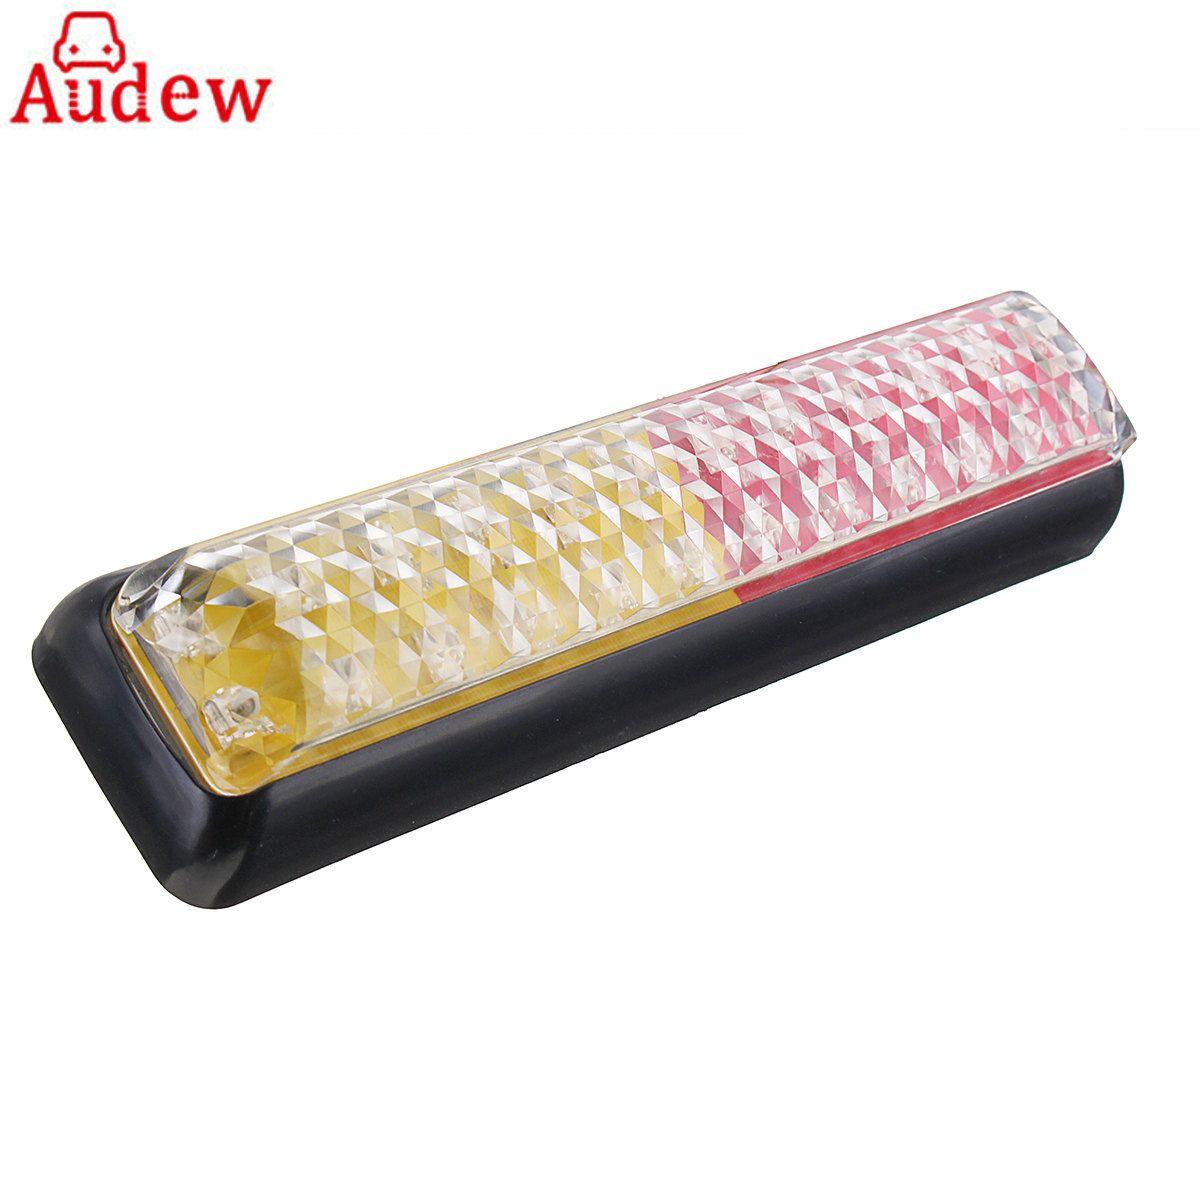 Red Yellow Car Rear Side Light Tail Lights LED Lamp Ute for Trailer Caravan Truck Boat Stop Reverse Indicator 12V-24V